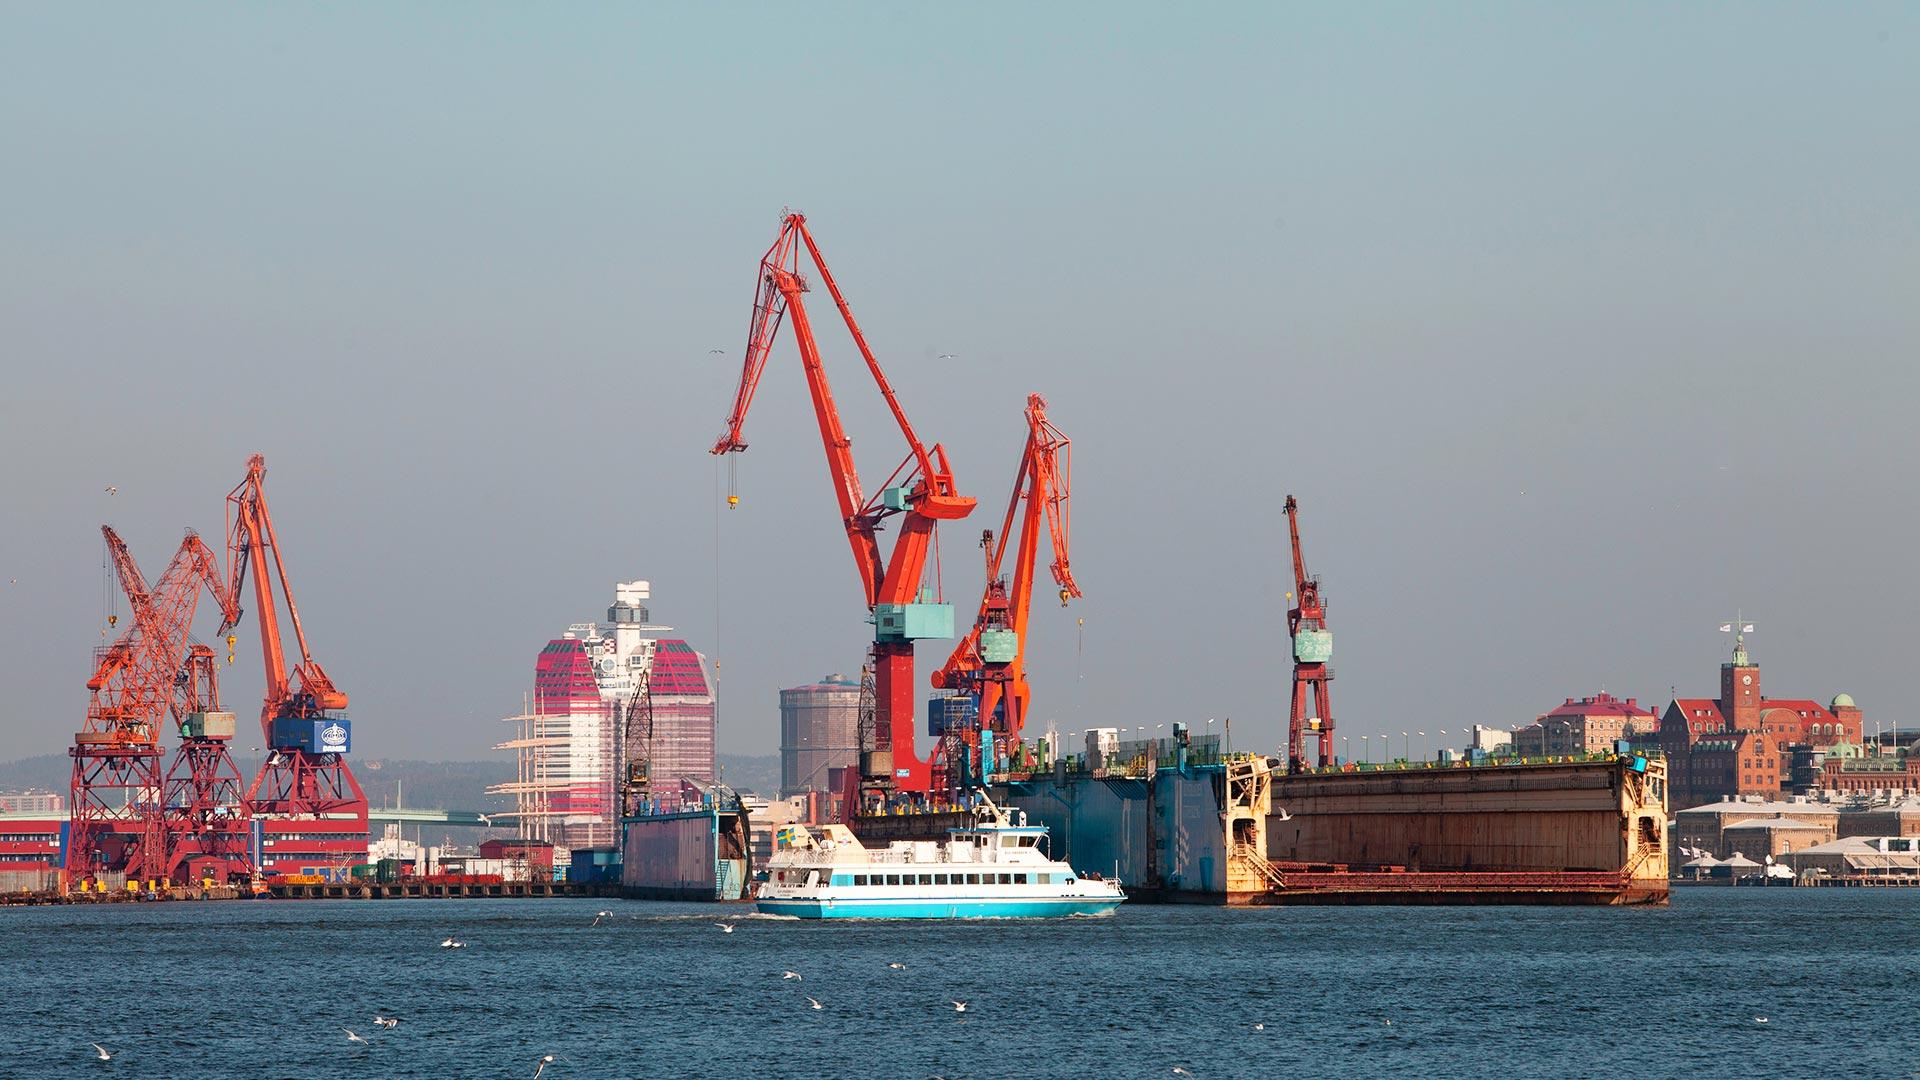 Göteborger Hafen